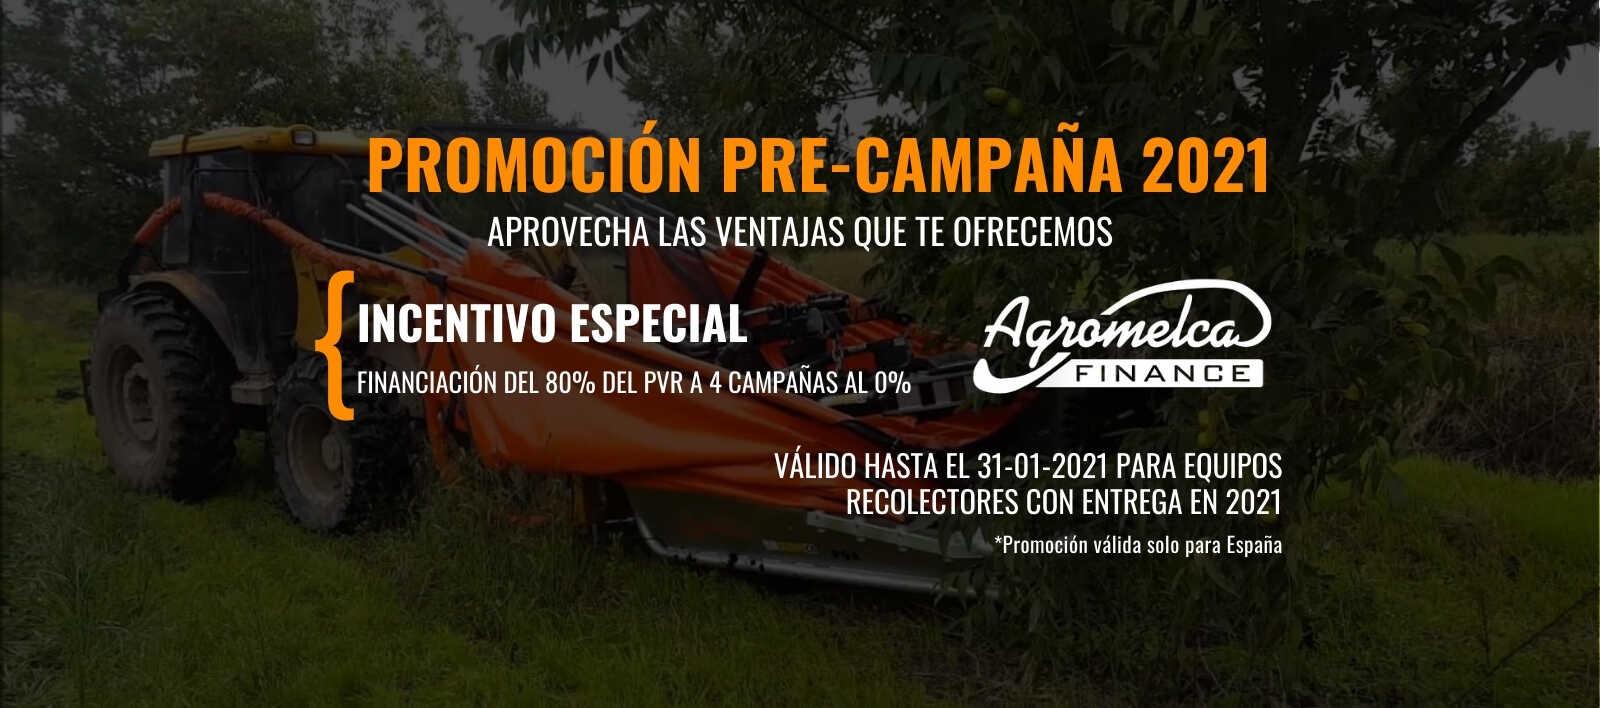 Agromelca-Pre-Campaña 2021